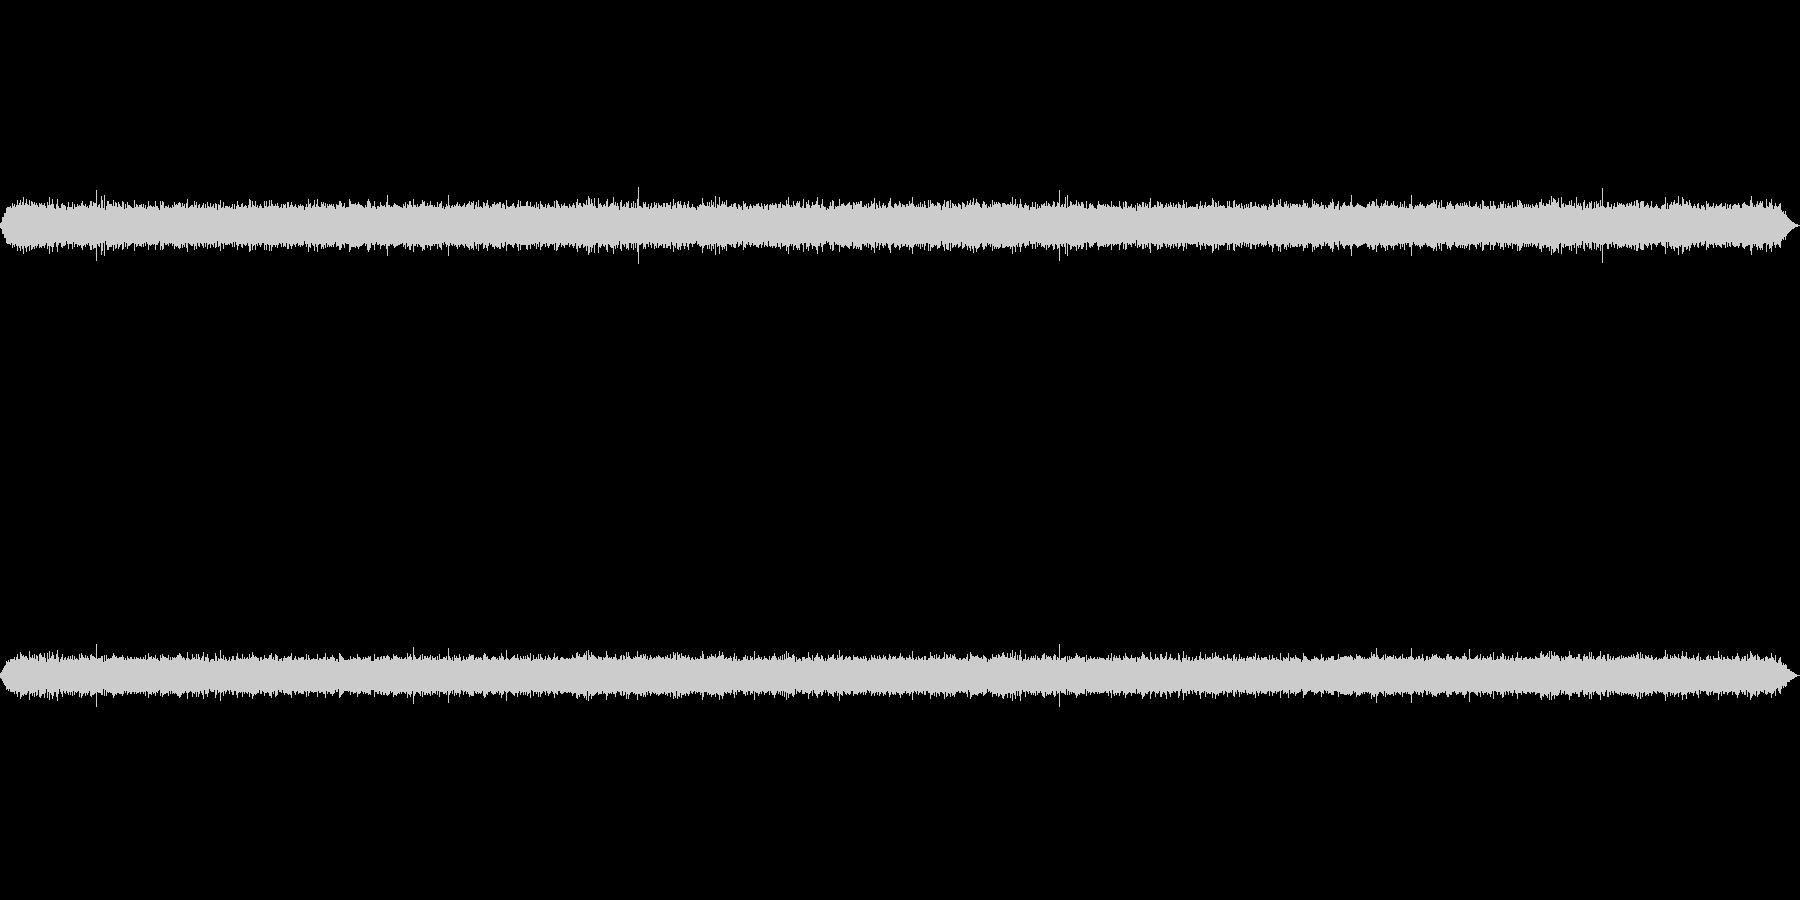 滝音~小さめの滝 3 【生録音】の未再生の波形